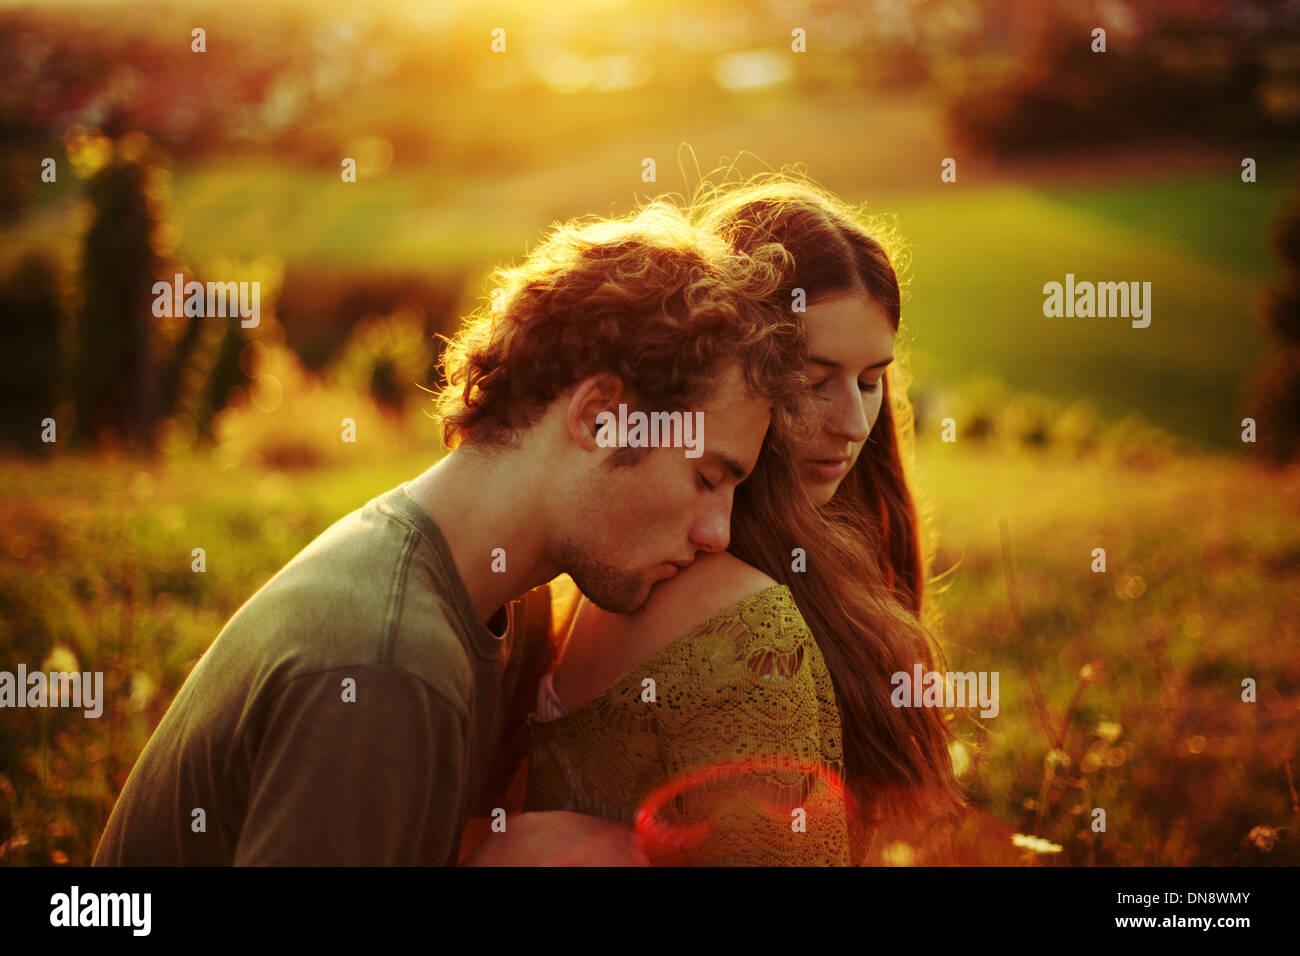 Pareja joven en amor en medio de un prado Imagen De Stock